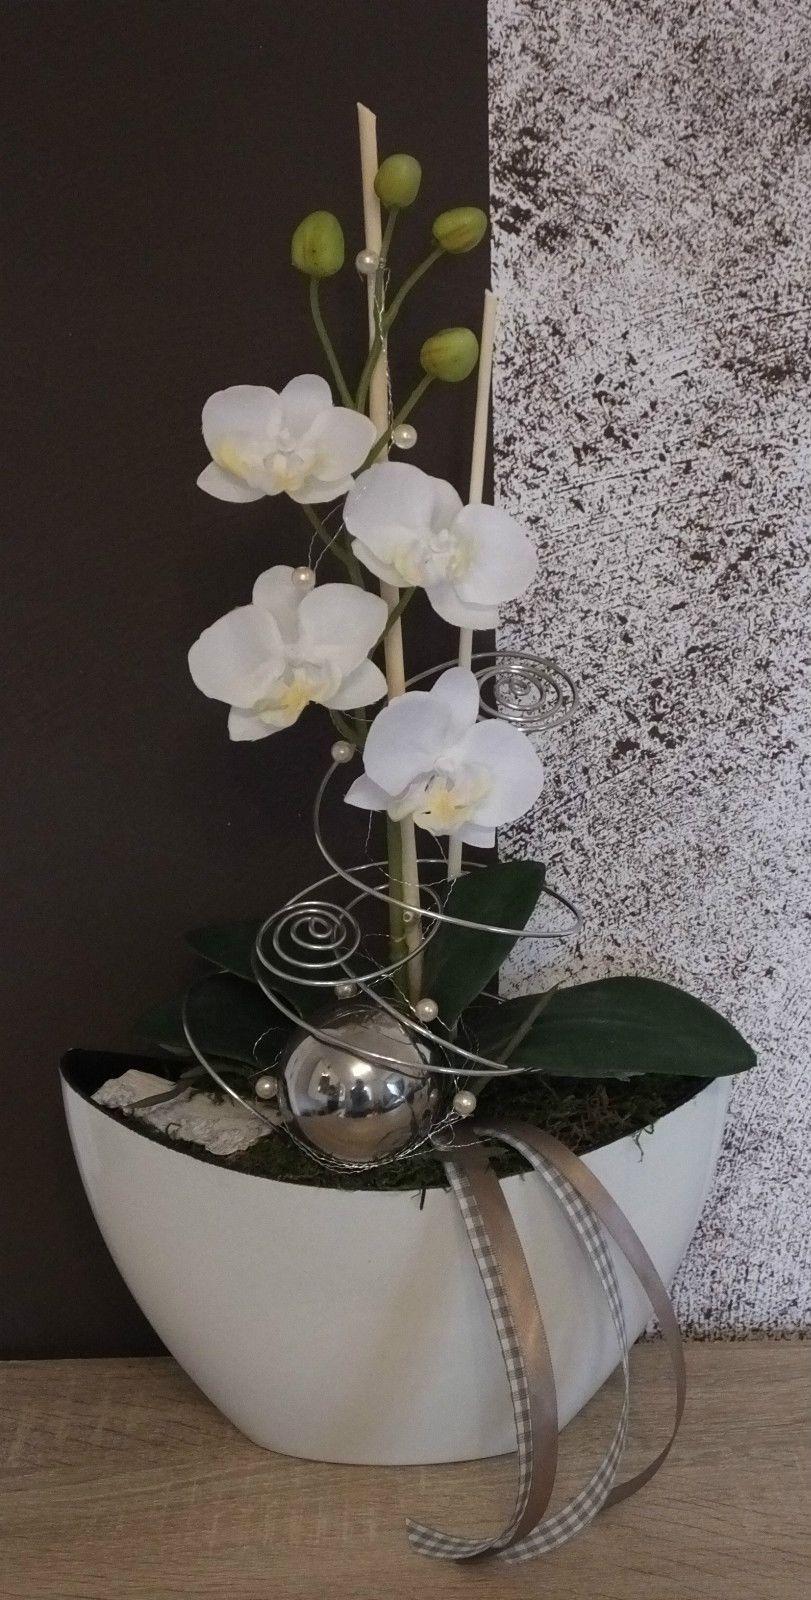 Einfache Dekoration Und Mobel Natuerlich Wohnen Mit Wachsenden Moebeln #17: Orchideengesteck, Gesteck In Weiß In Möbel U0026 Wohnen, Dekoration, Sonstige |  EBay!